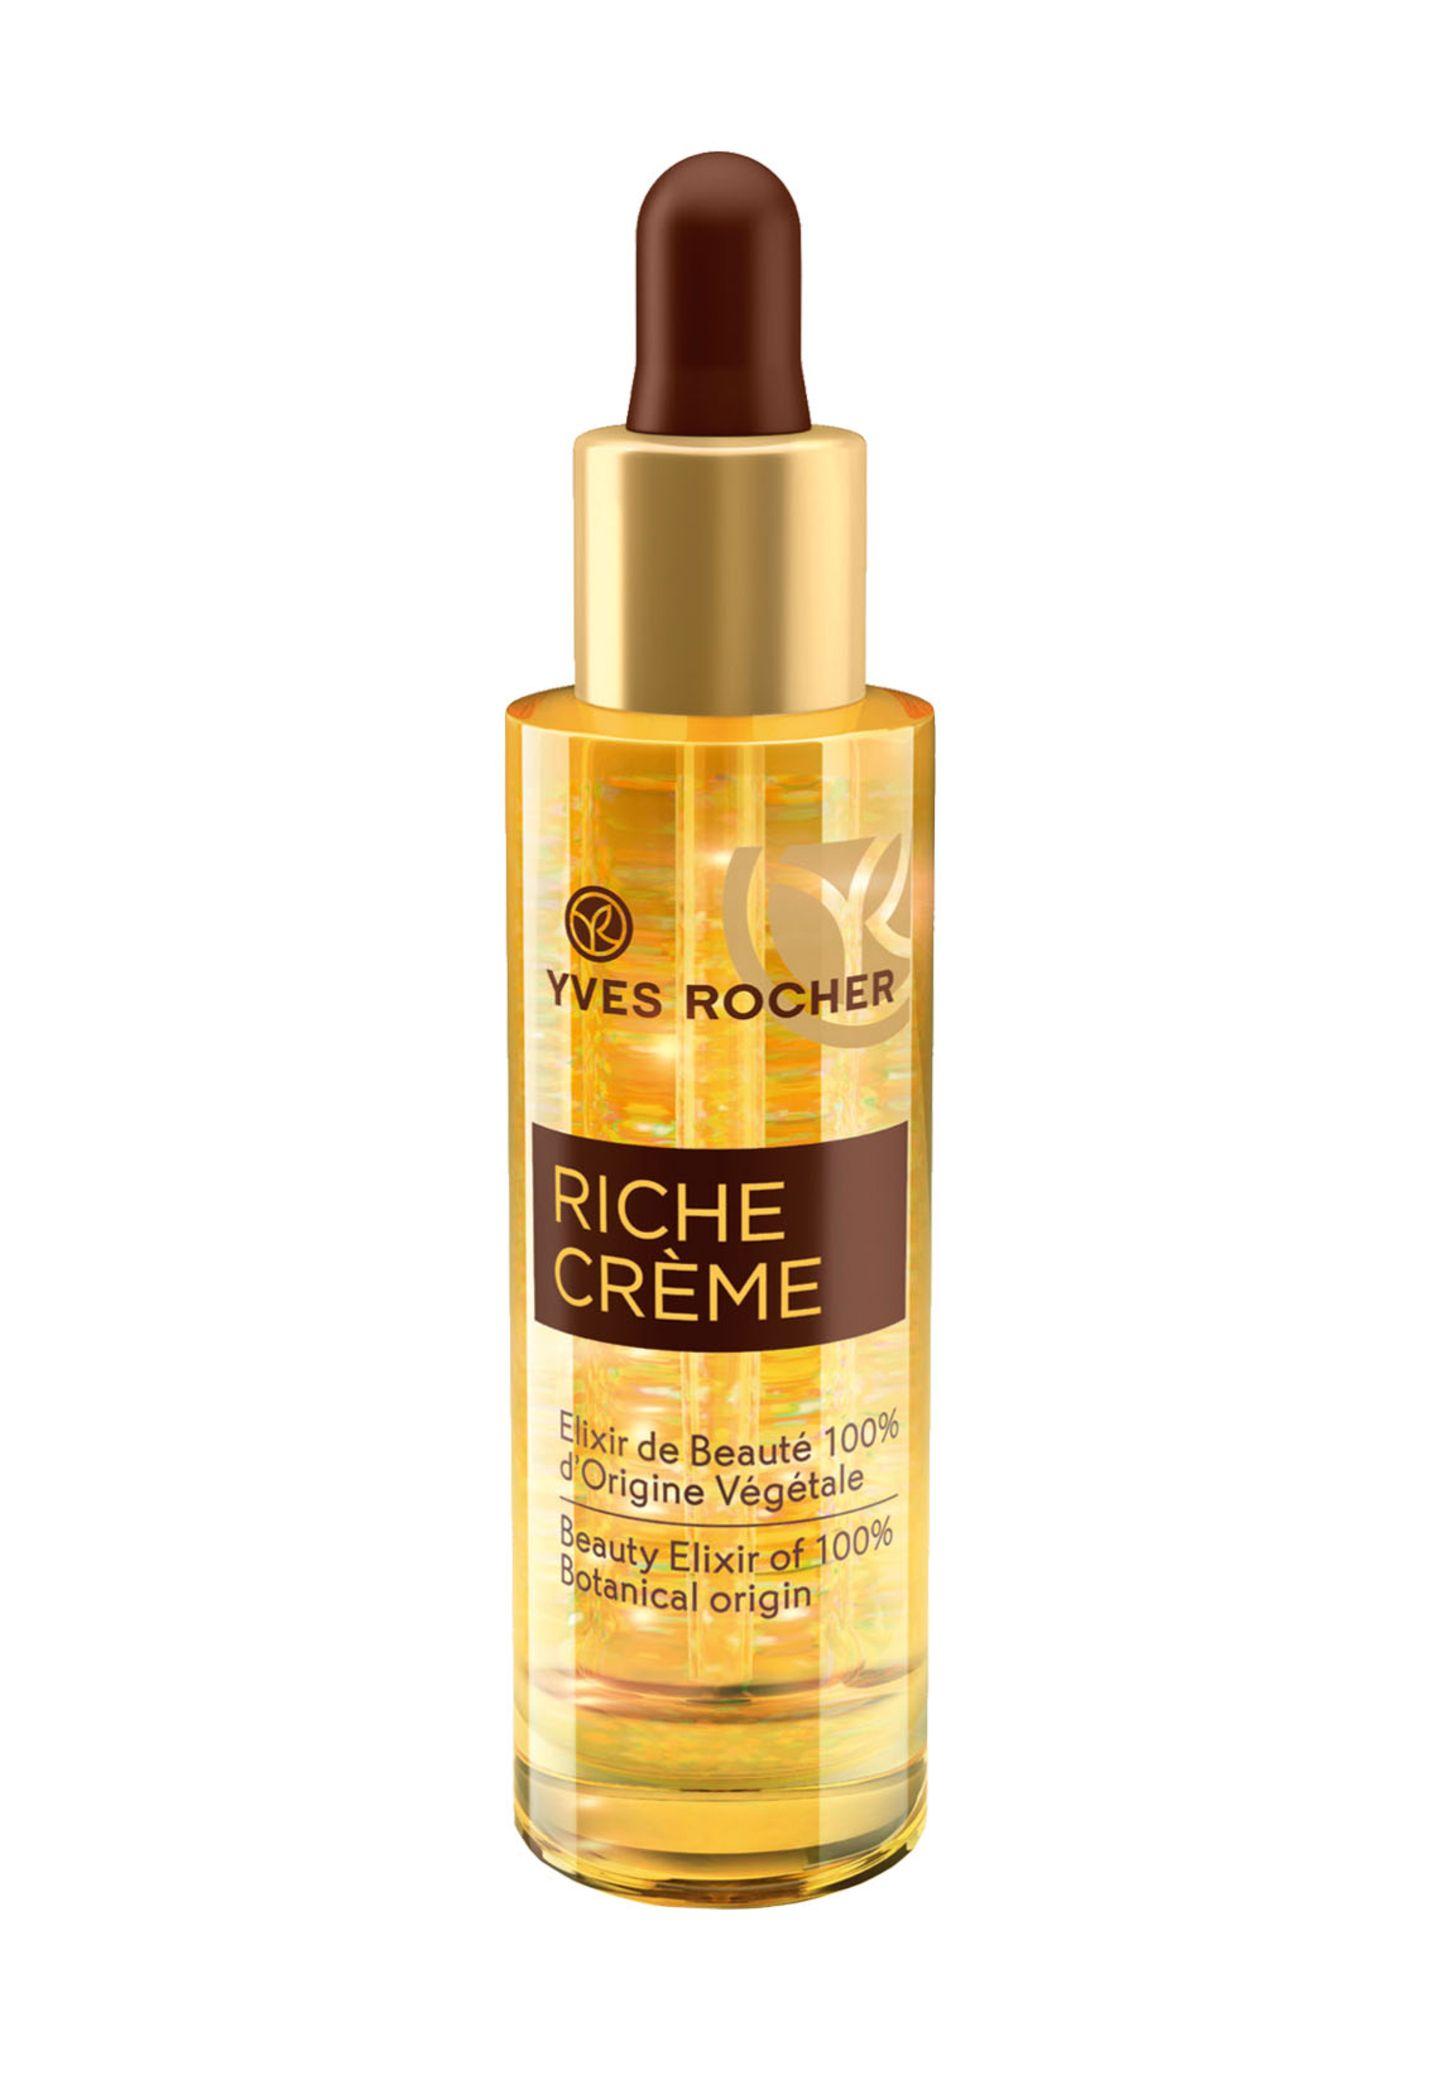 Riche Creme von Yves Rocher